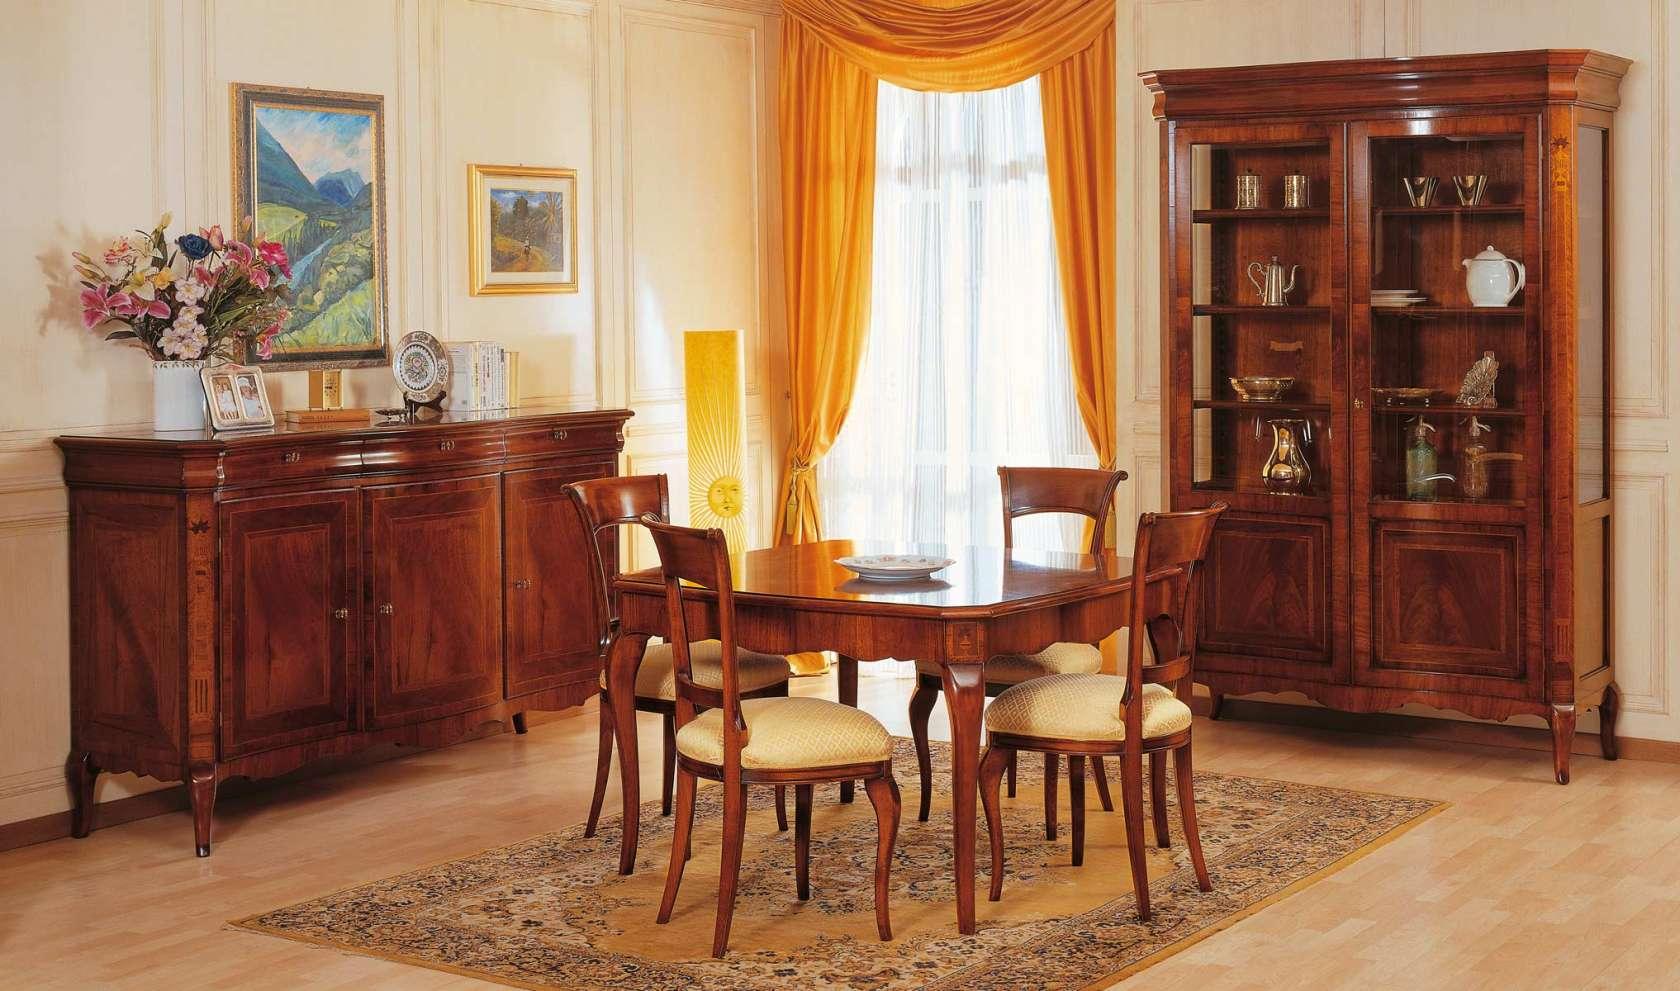 Mobili Sala Da Pranzo Classica.Sala Da Pranzo Classica 800 Francese Vimercati Meda